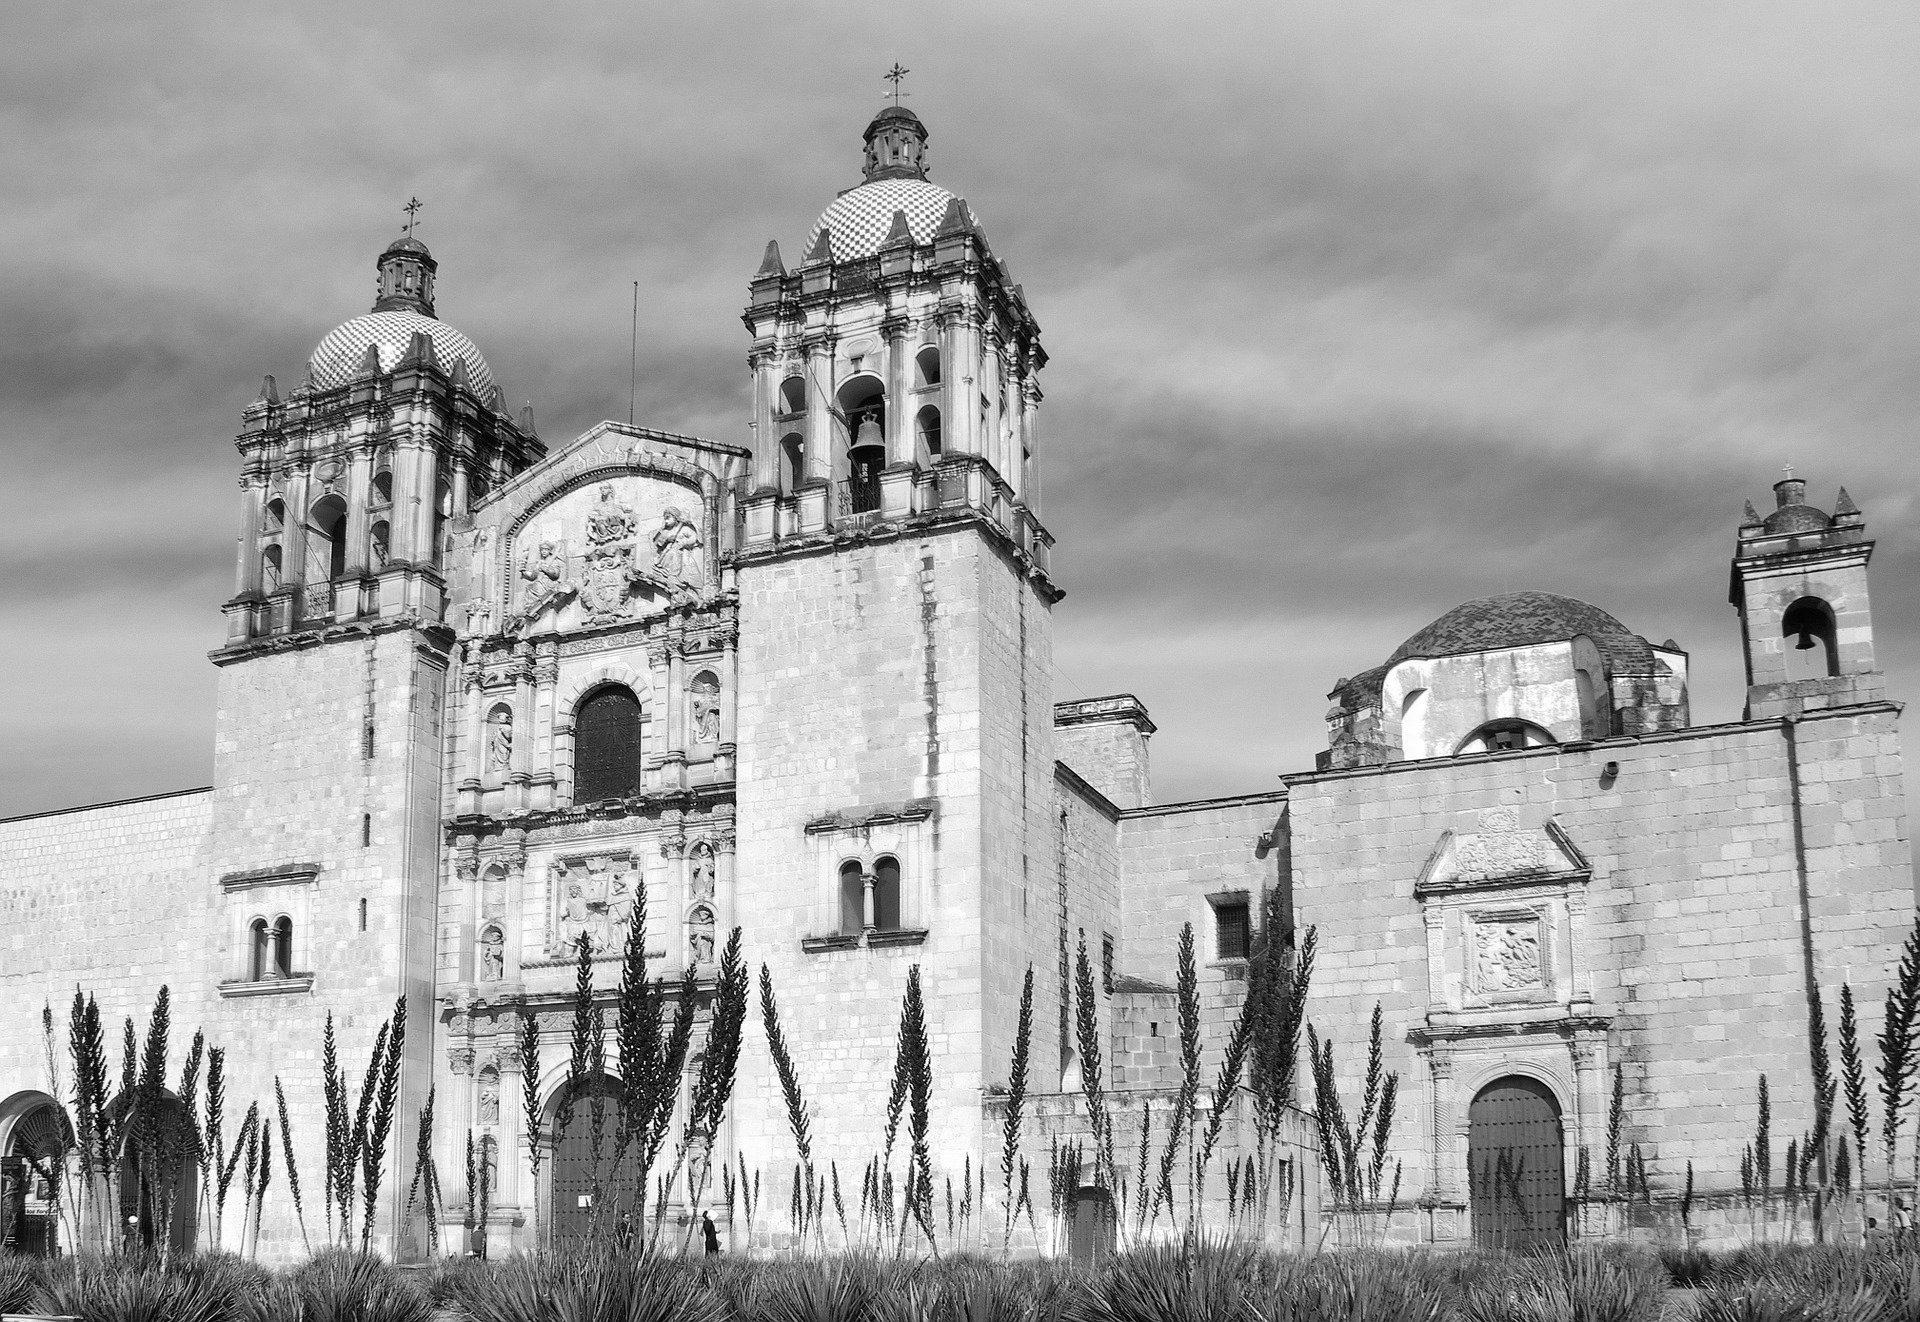 Leyendas de Oaxaca